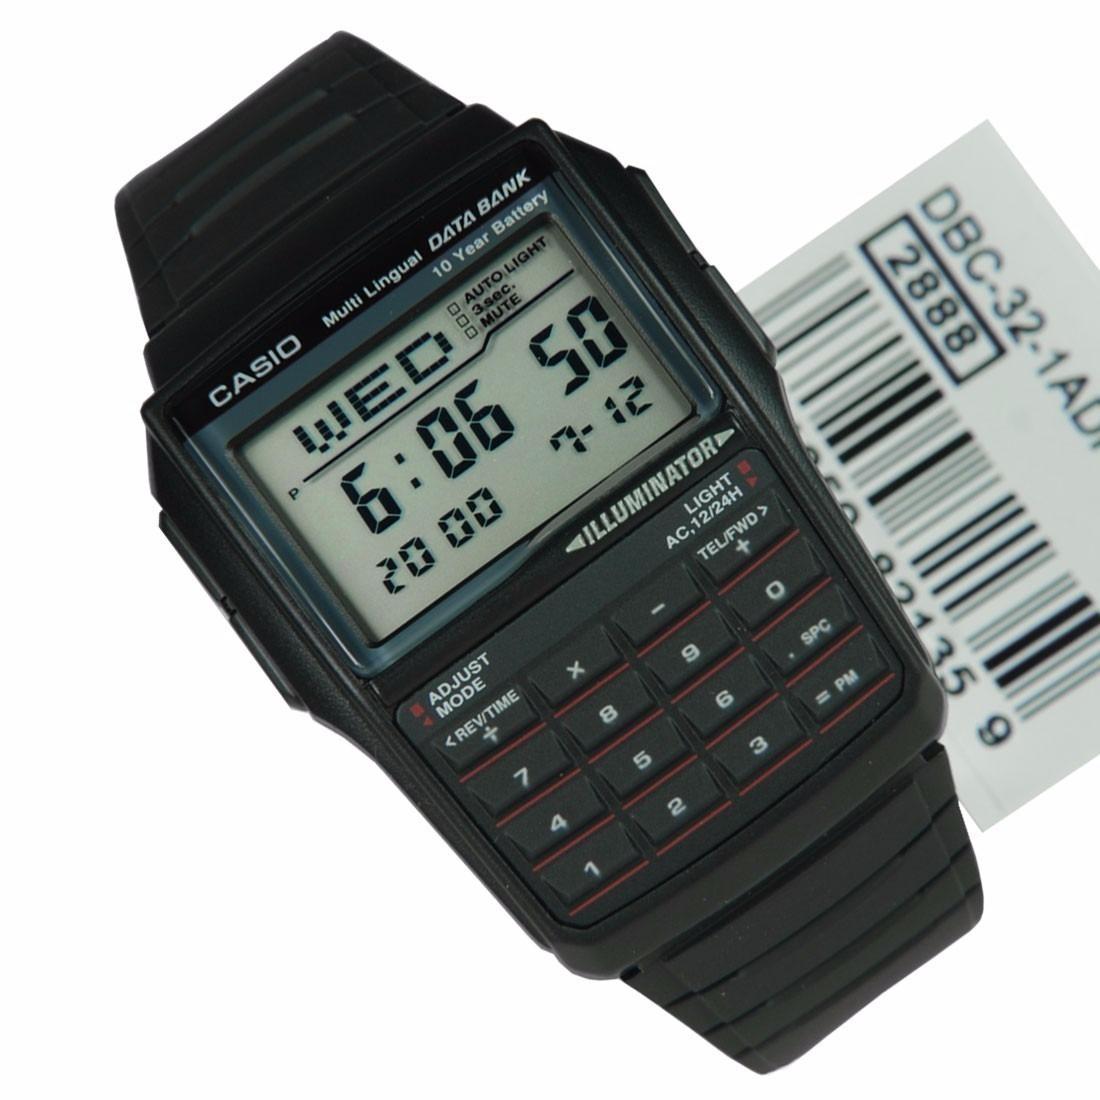 302f03799a0 relógio casio dbc 32 databank calculadora alarme crono luz. Carregando zoom.